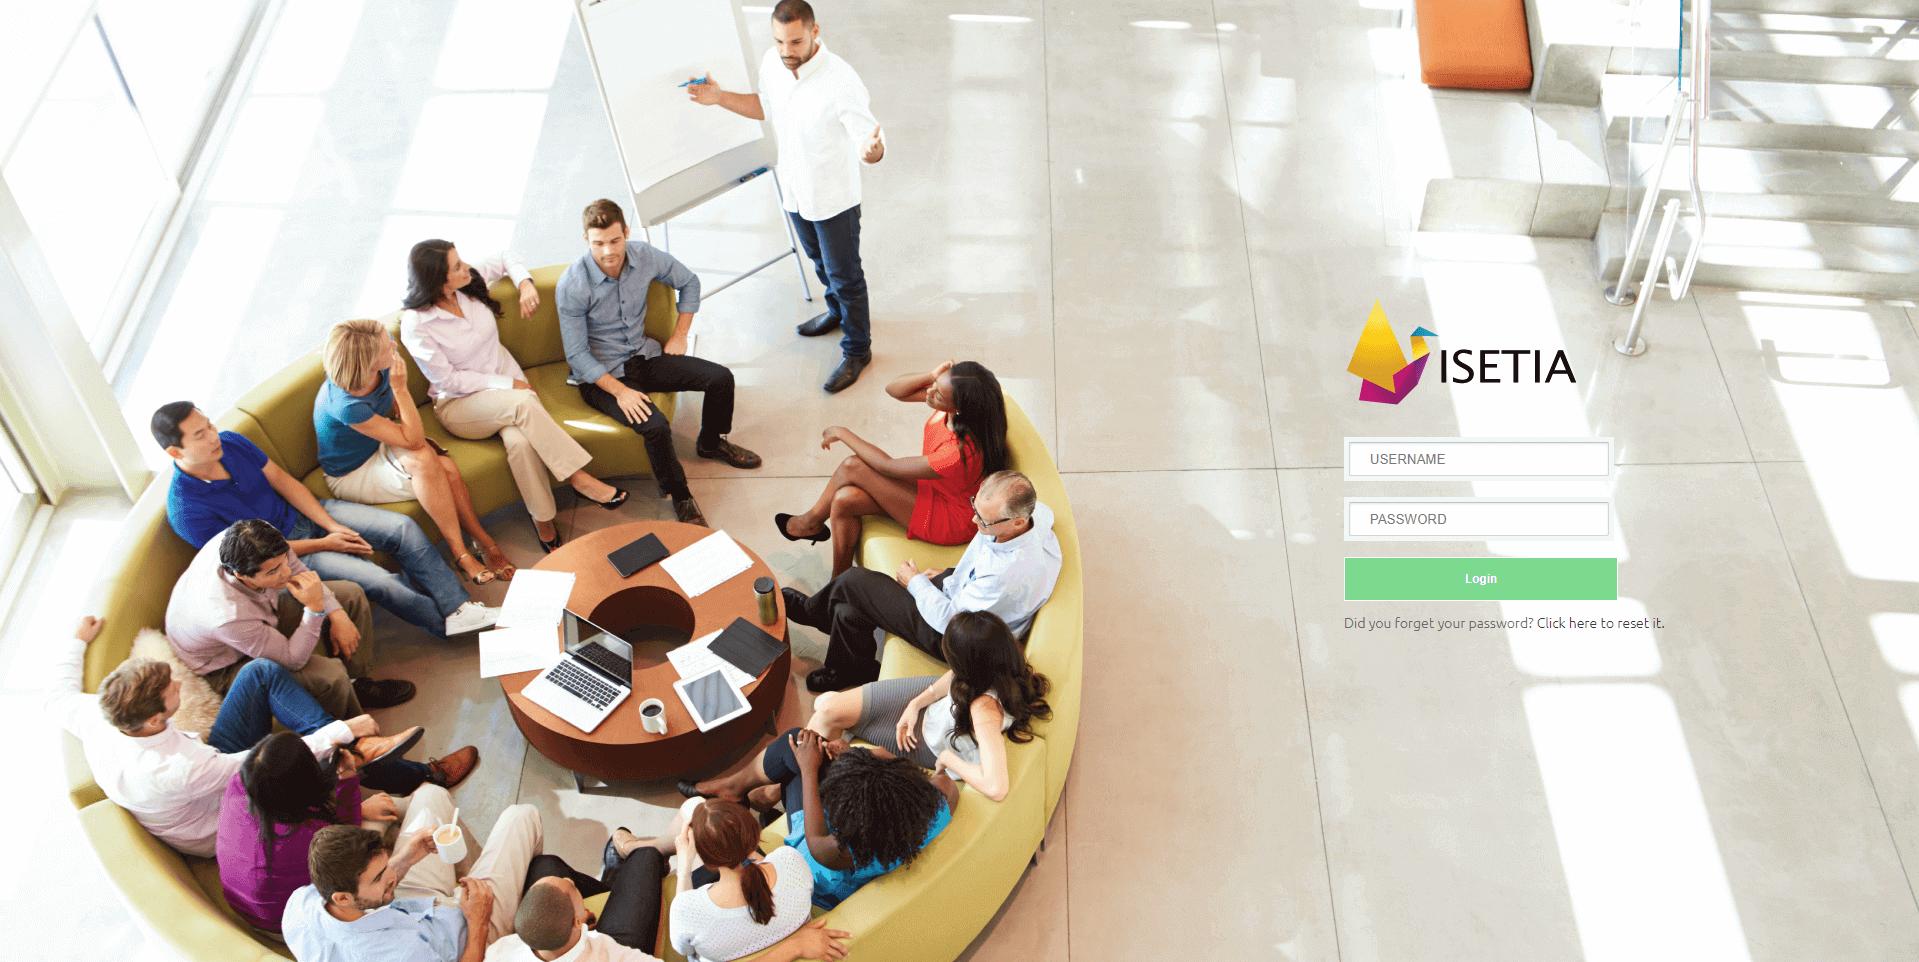 Avis ISETIA : logiciel de gestion de projet le plus puissant et flexible - appvizer